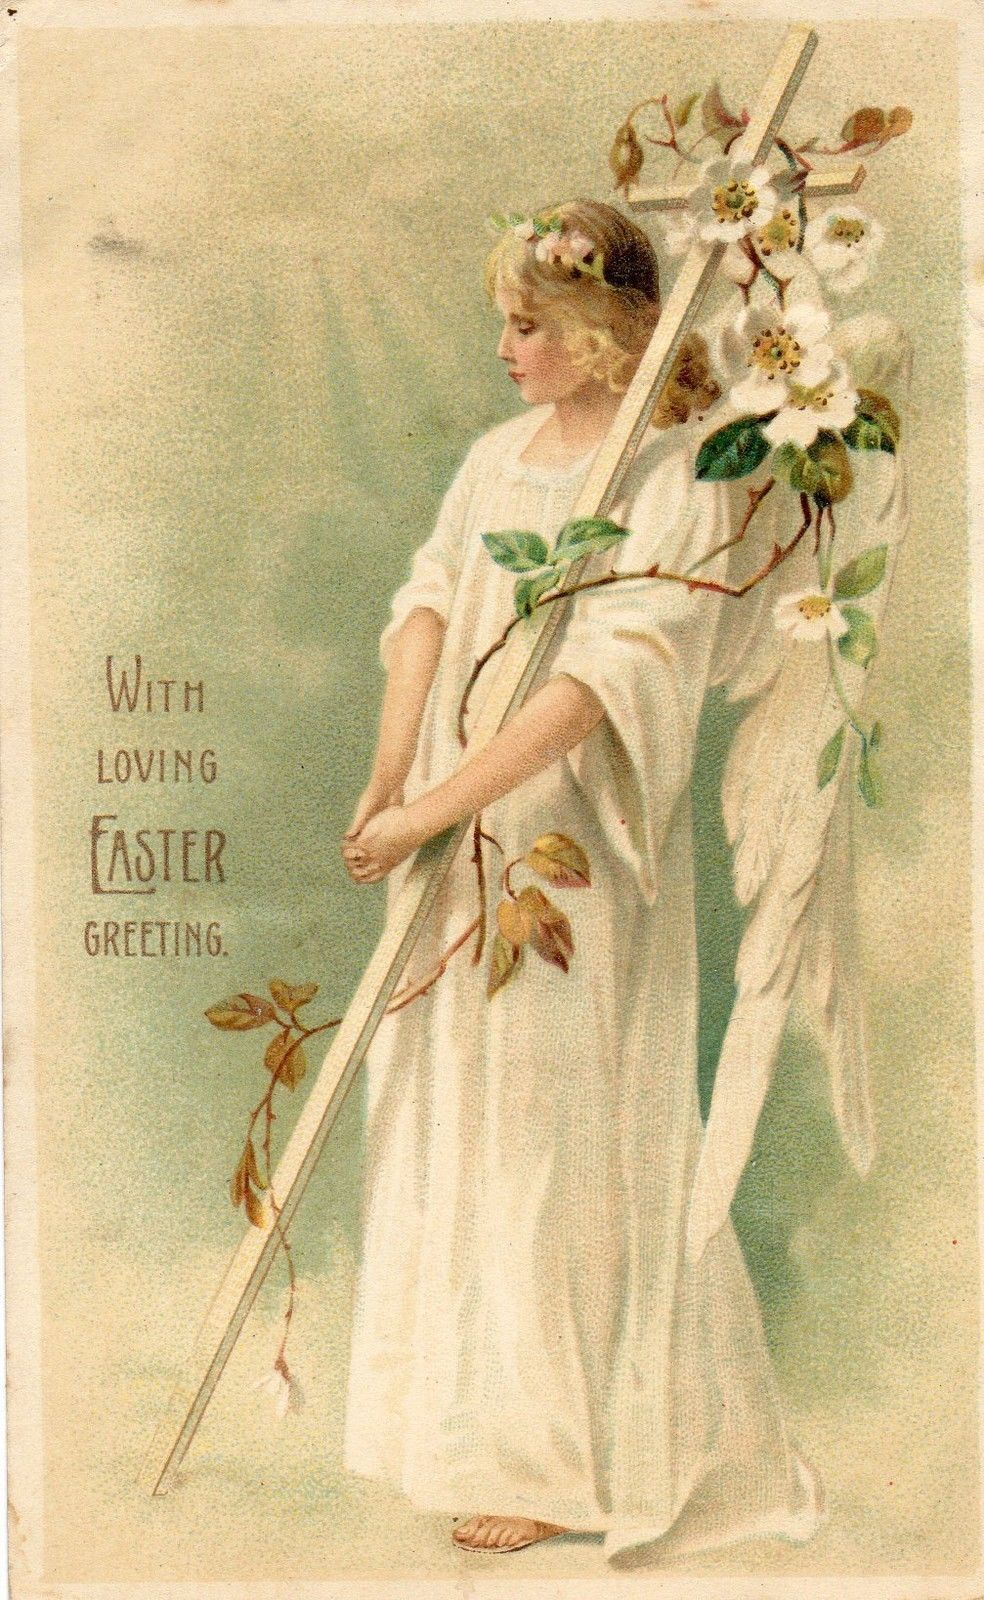 Easter Greetings Angel Holding Cross Religious Ebay Easter